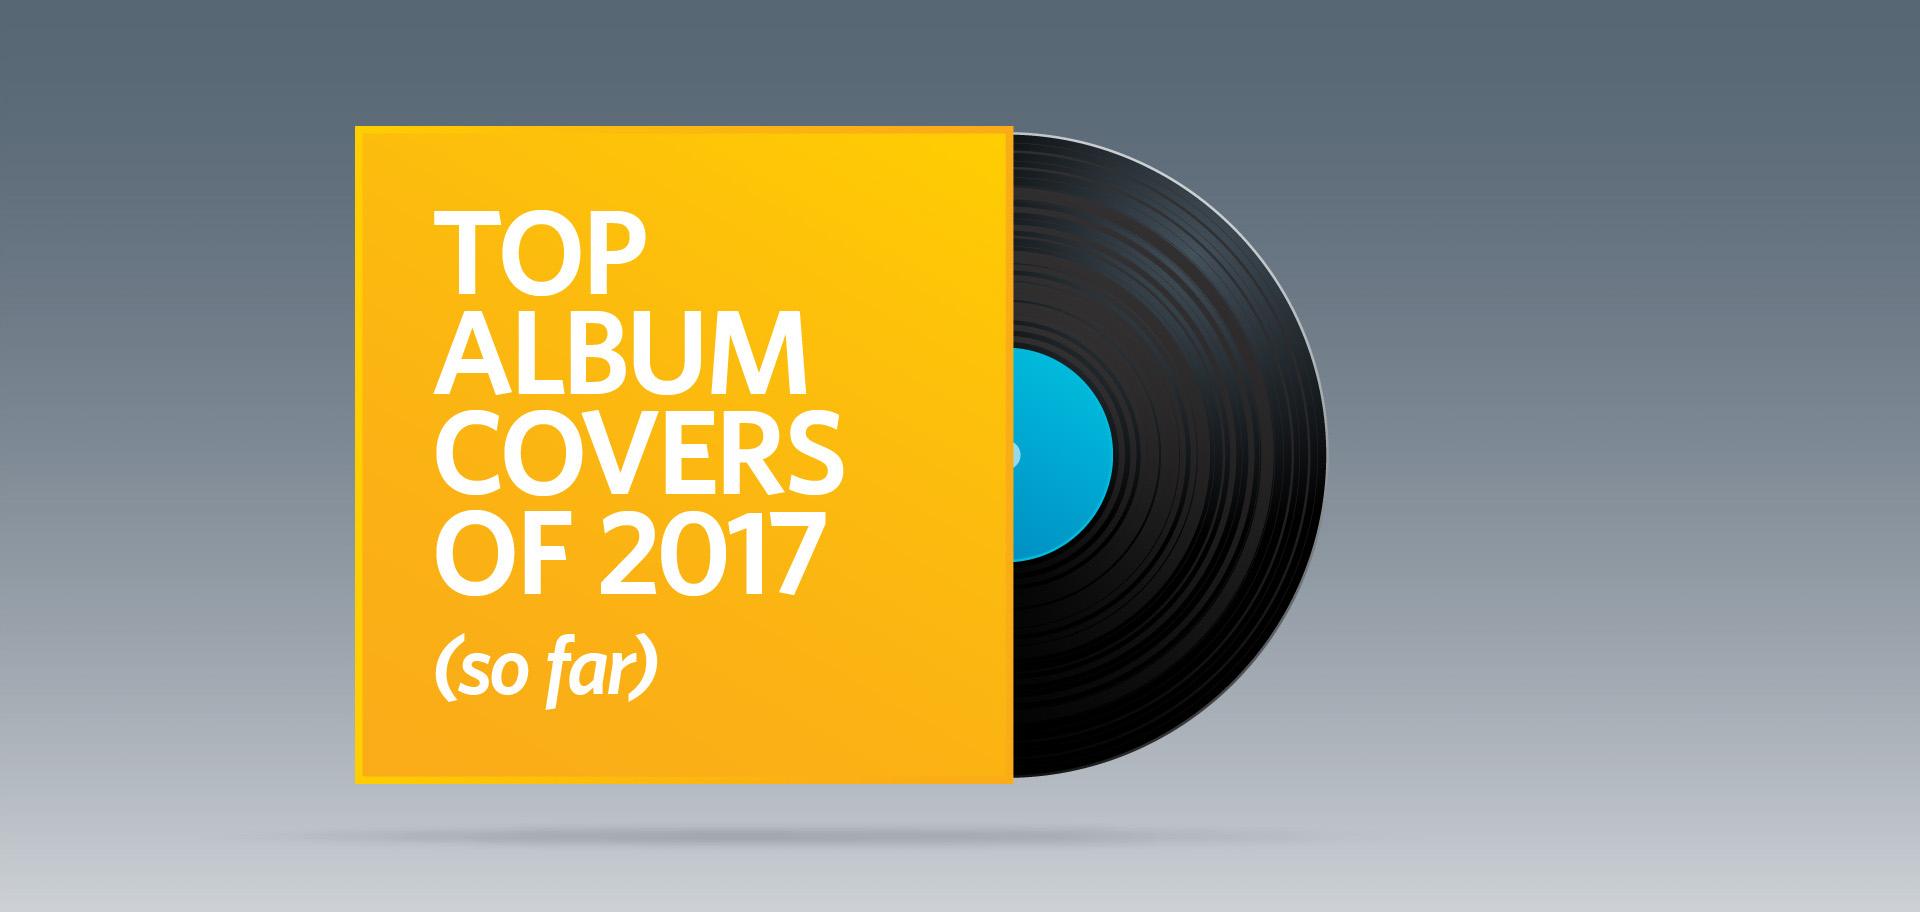 Top album covers 2017, best album artwork, album art, Kettle Fire Creative album cover Top 17 Album Covers of 2017 (so far) top albums fi